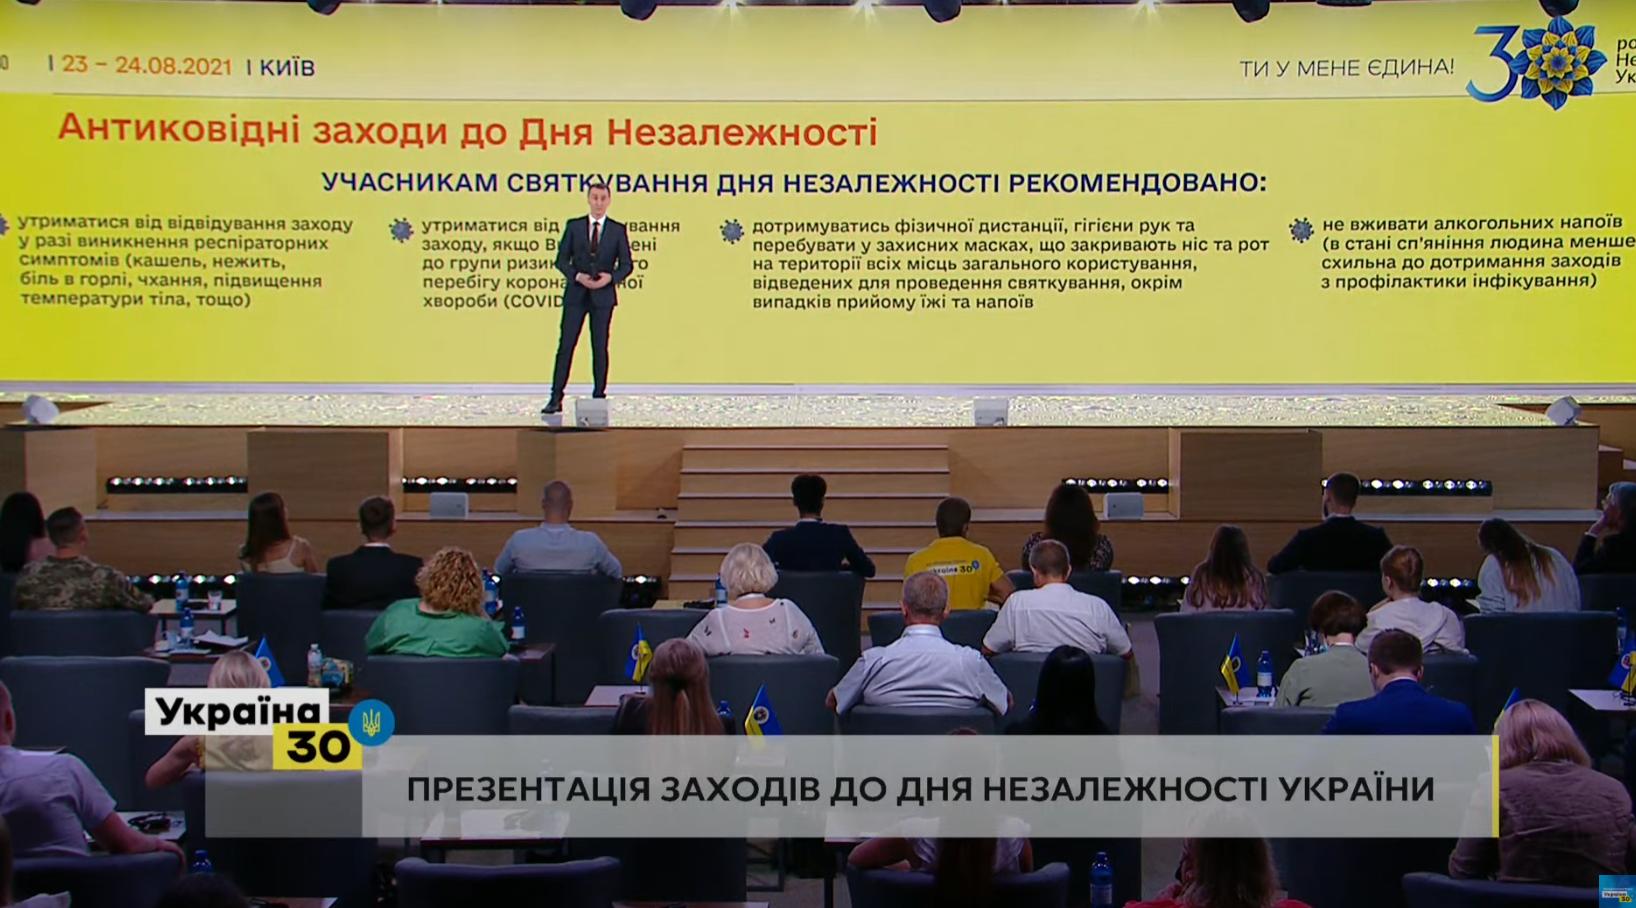 Ляшко розповів про протиепідемічні заходи на День Незалежності.